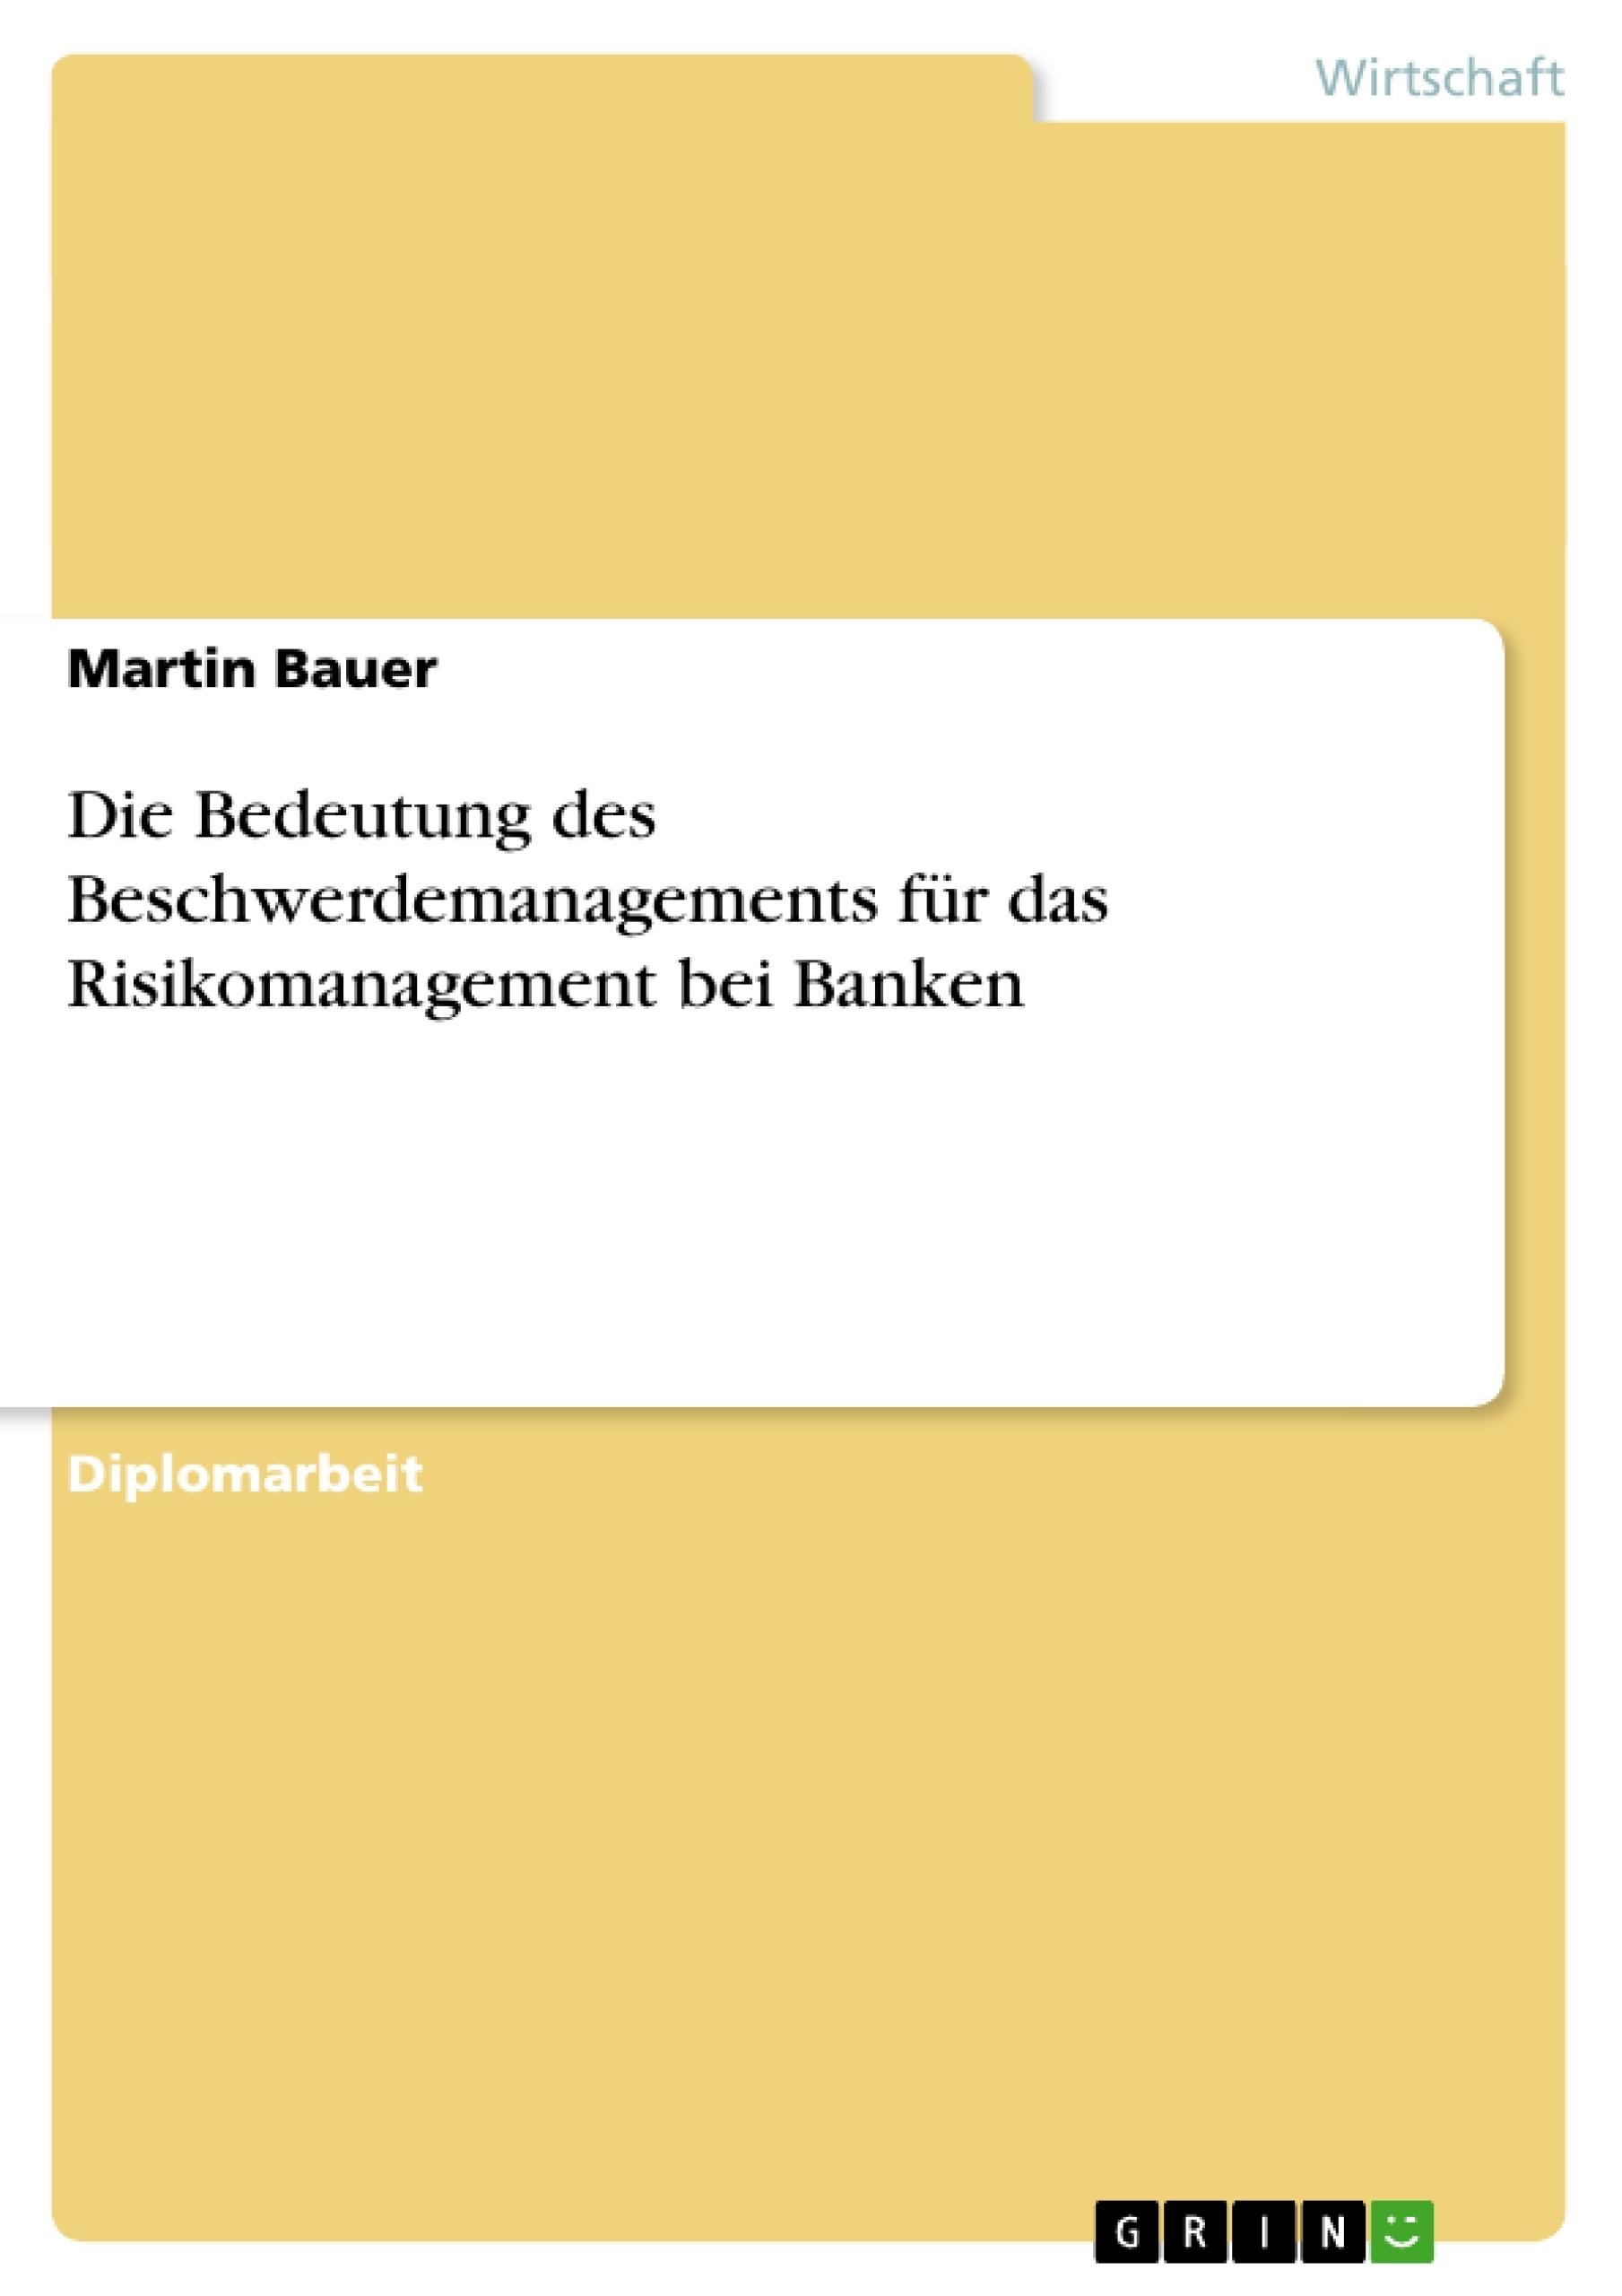 Titel: Die Bedeutung des Beschwerdemanagements für das Risikomanagement bei Banken